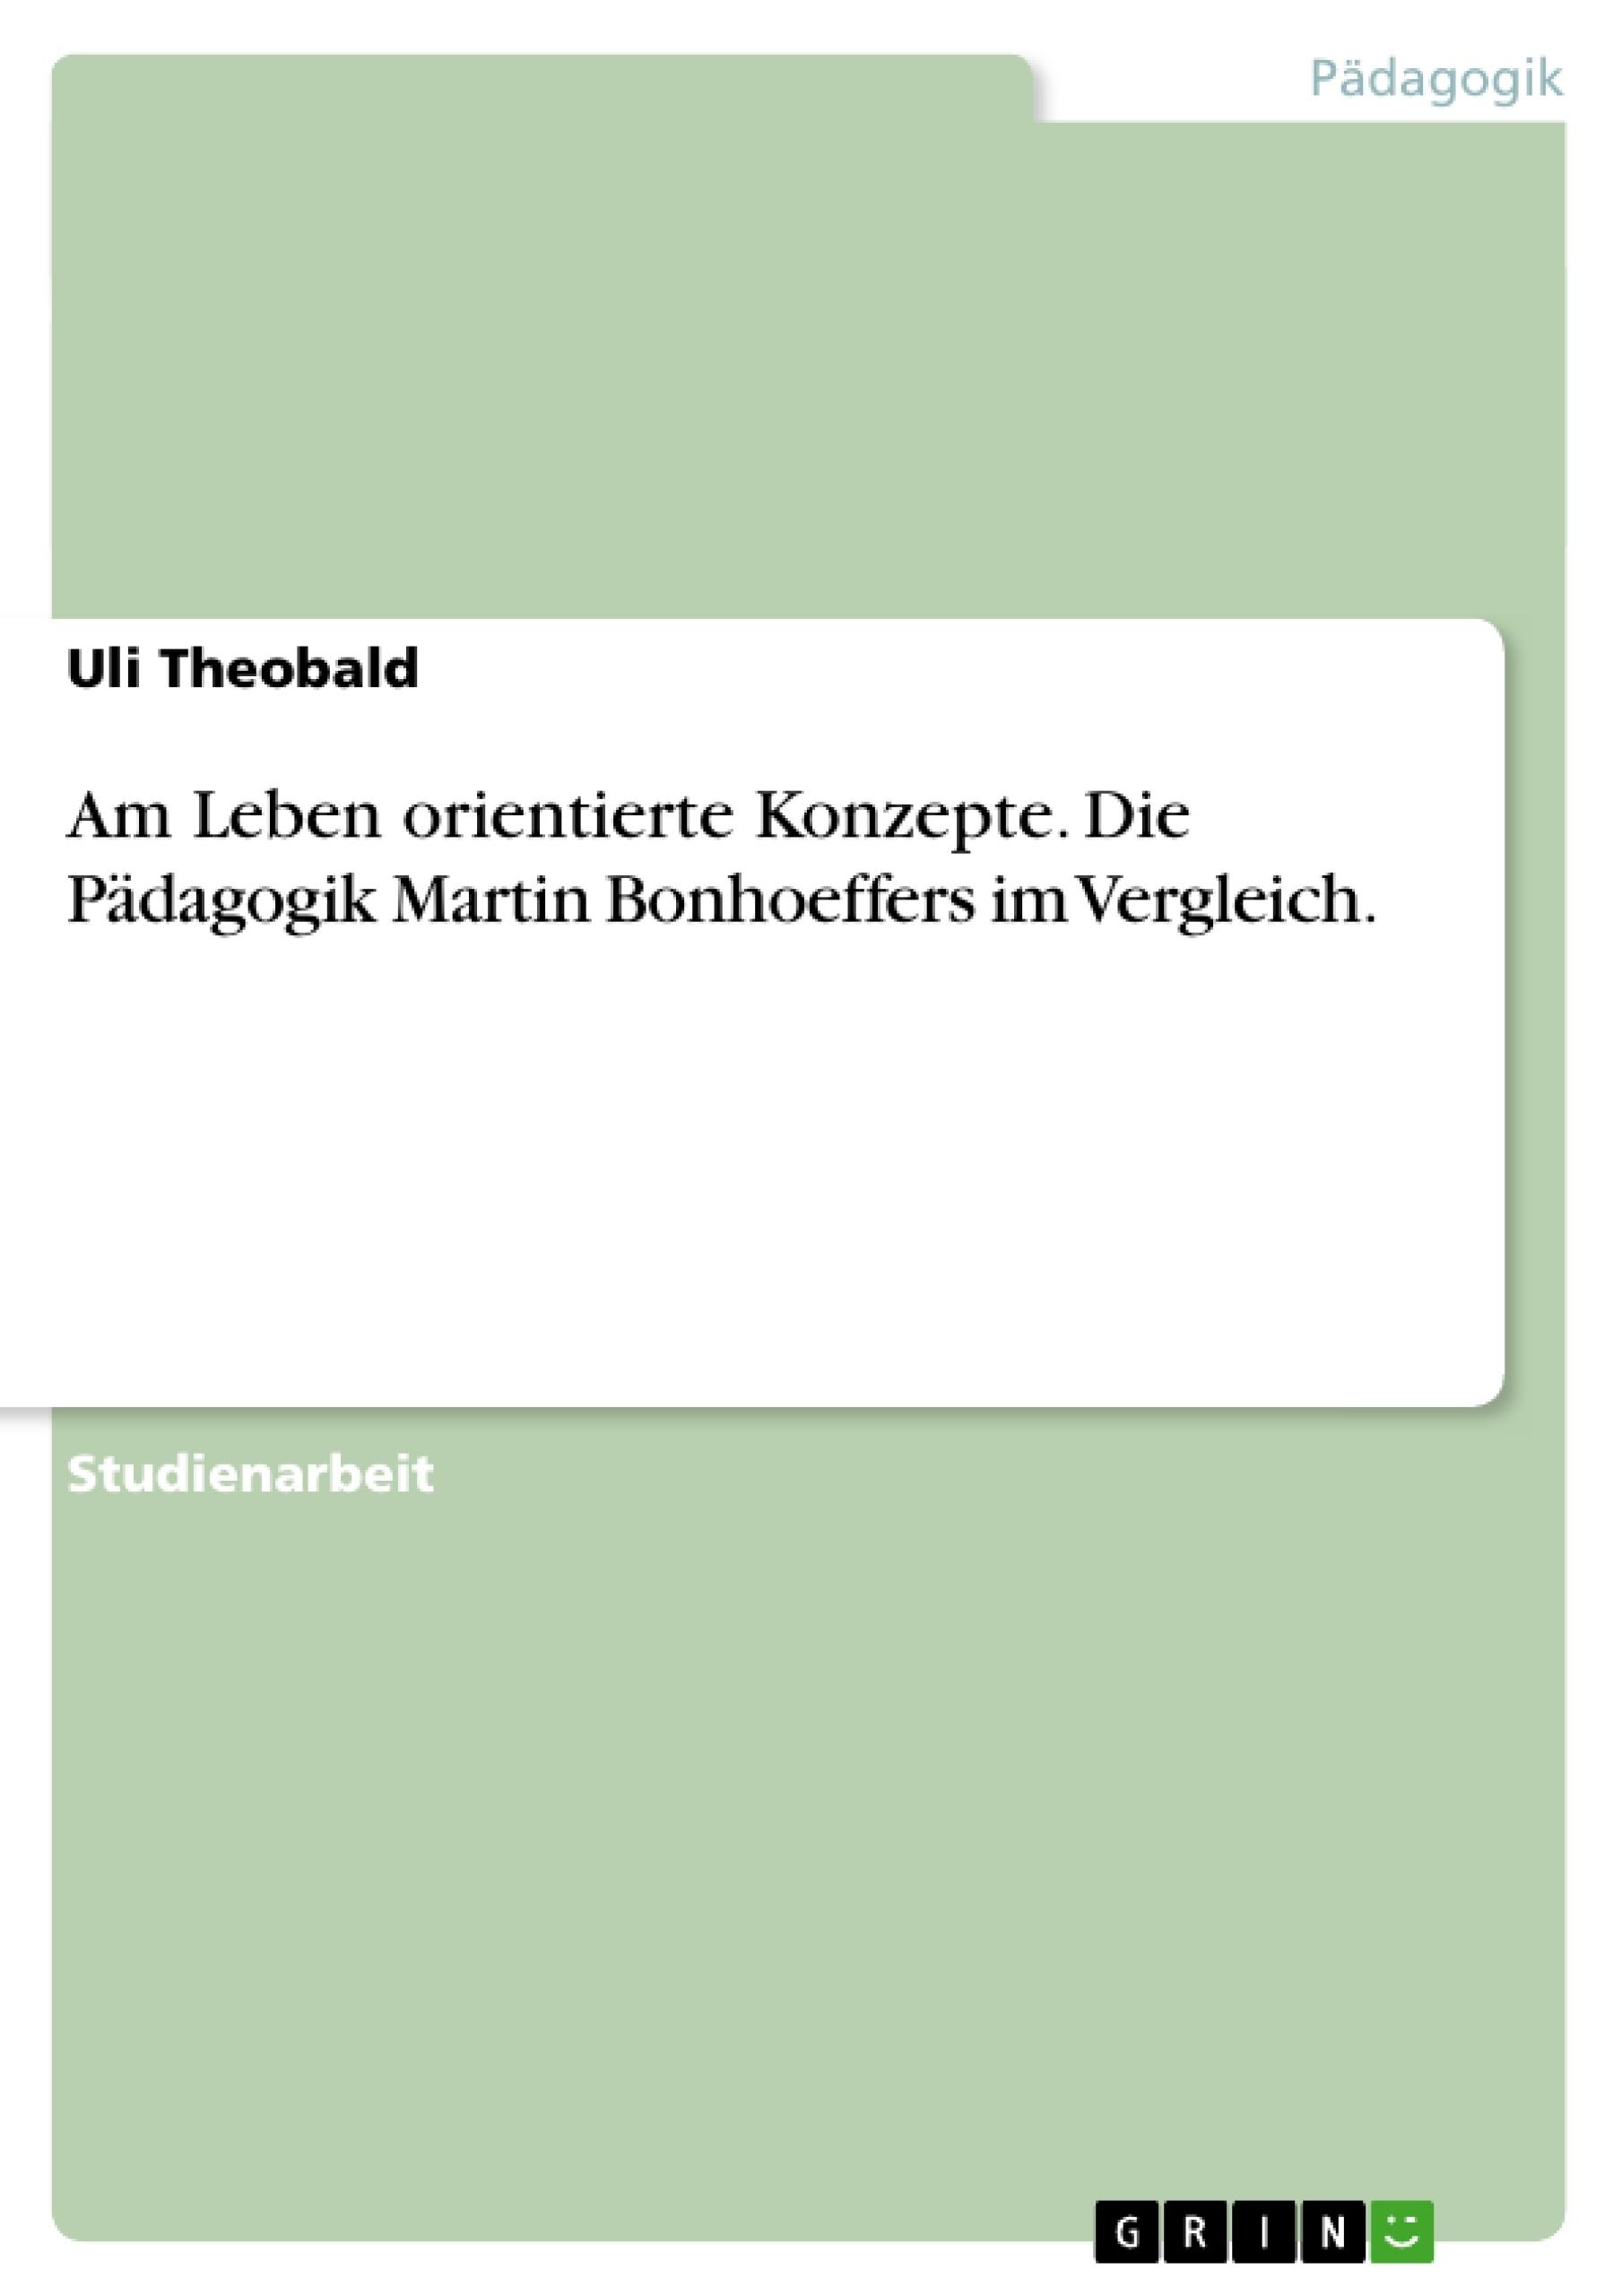 Titel: Am Leben orientierte Konzepte. Die Pädagogik Martin Bonhoeffers im Vergleich.